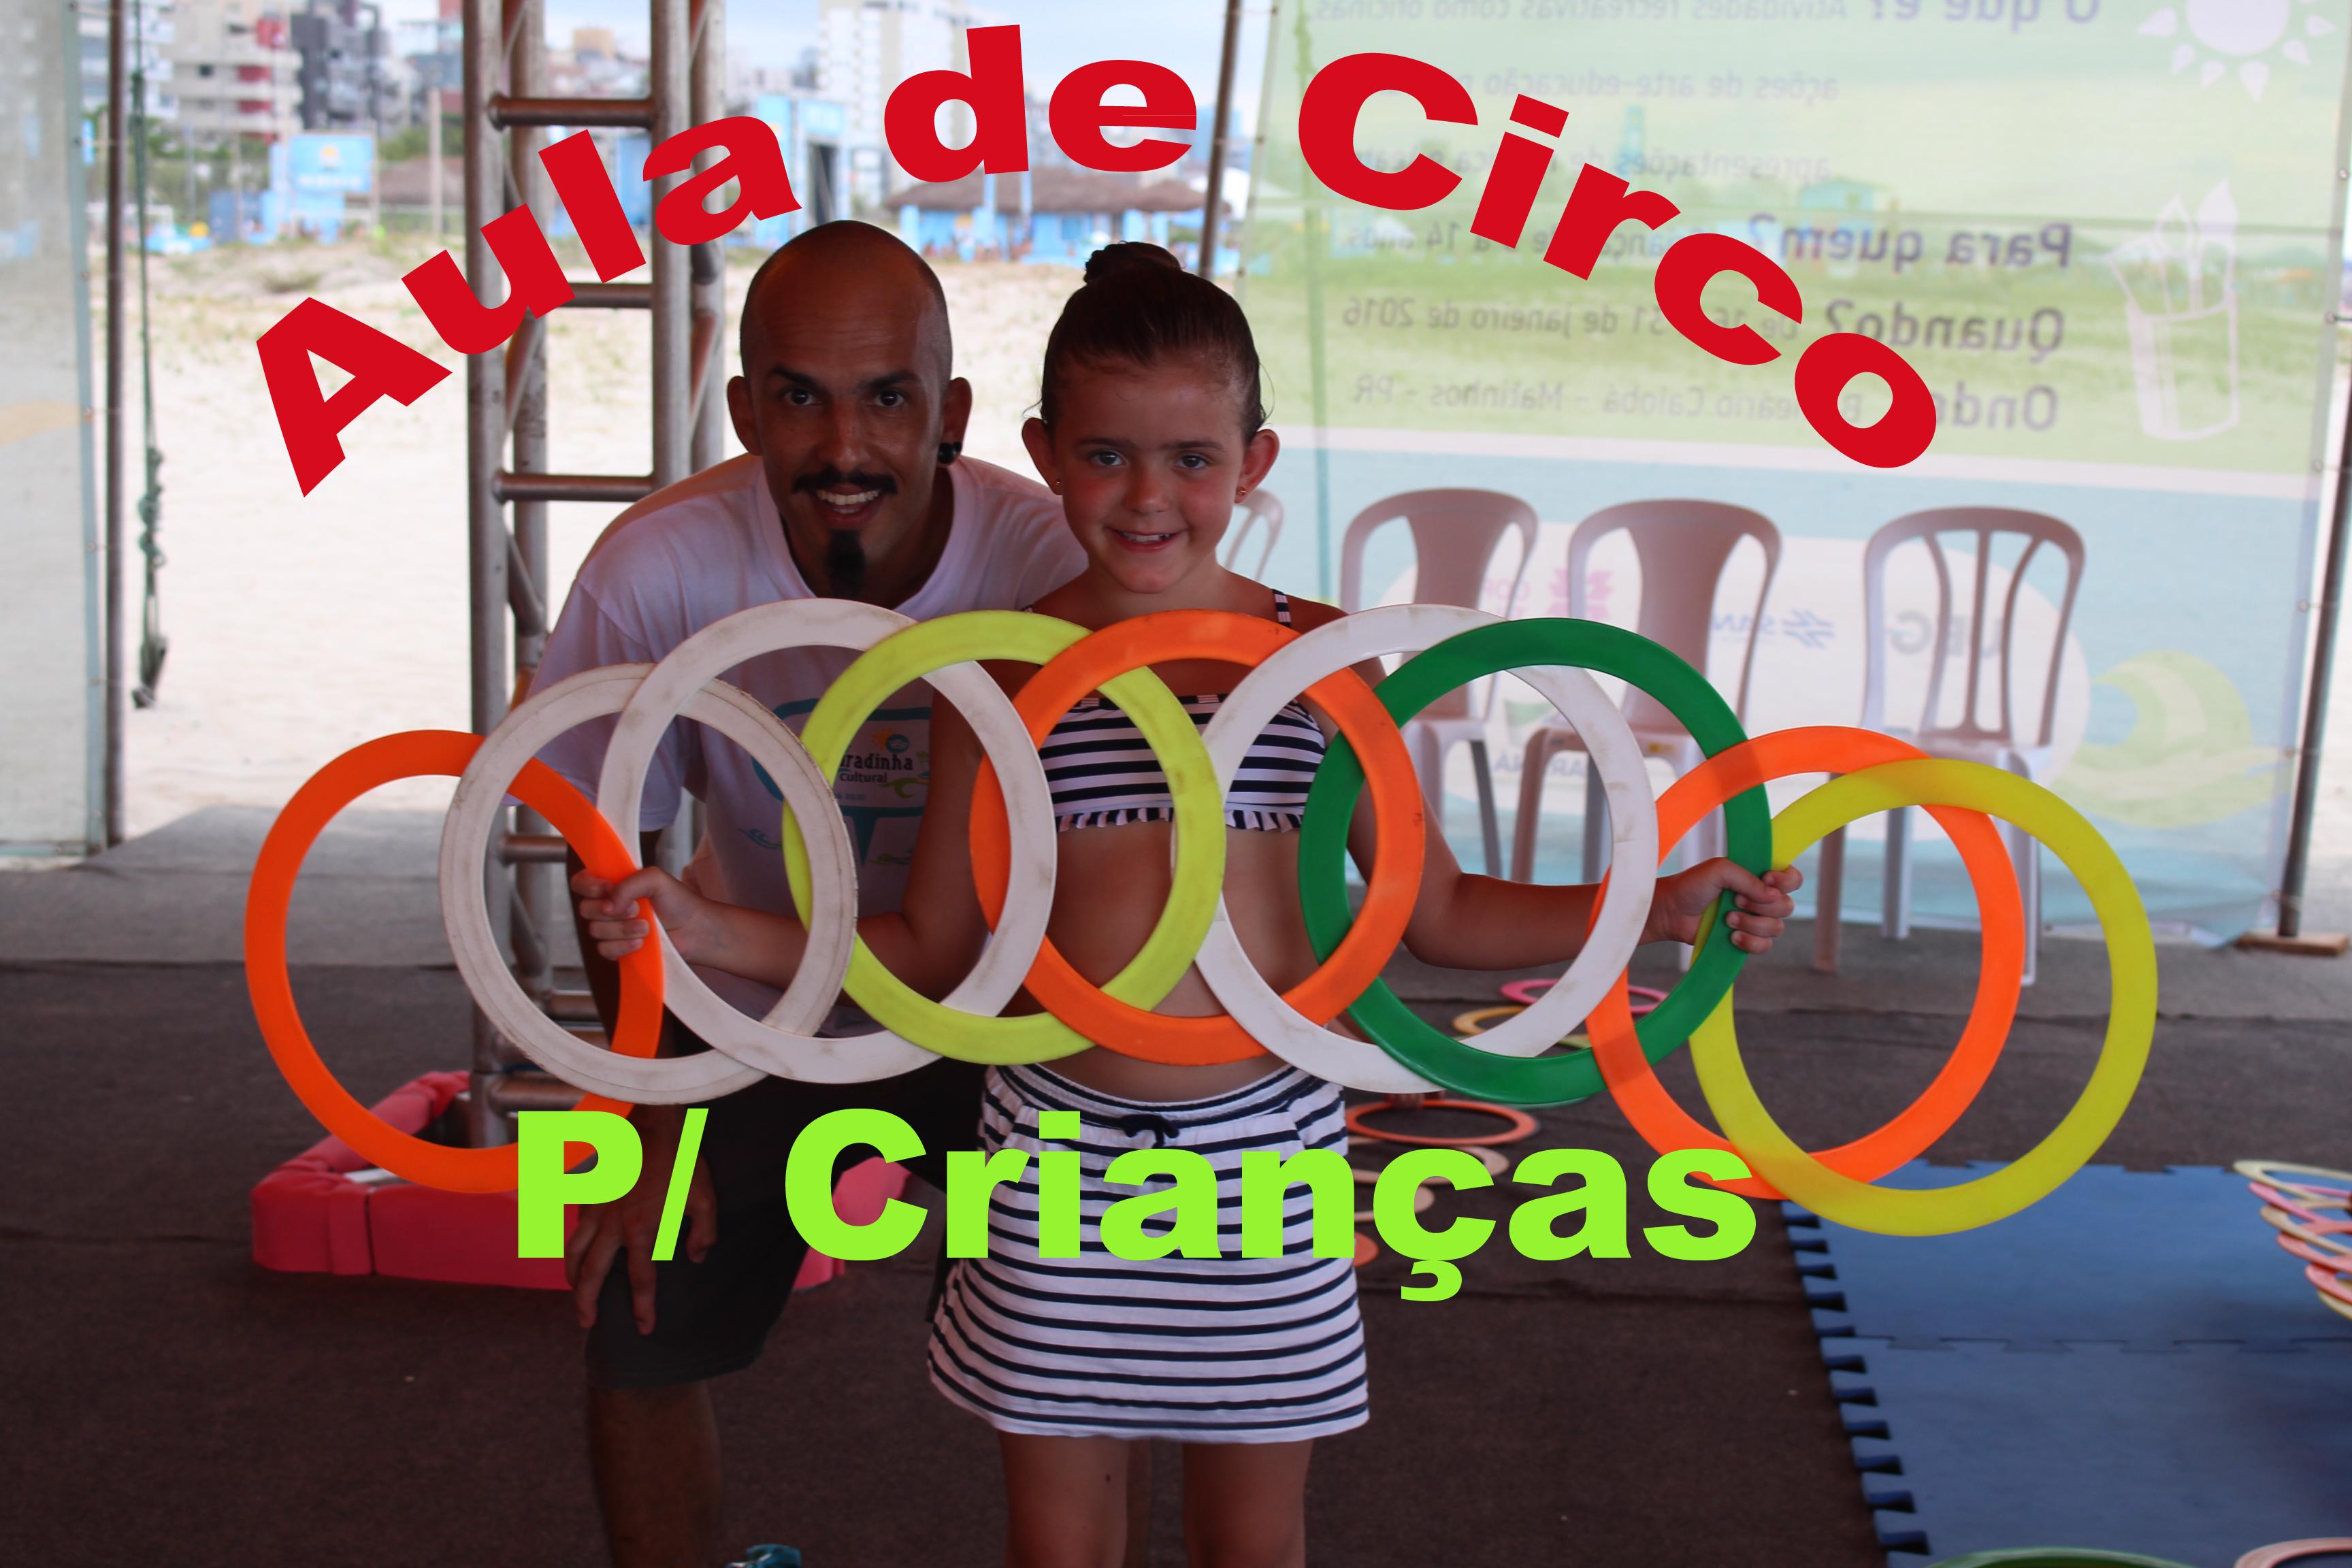 Aula de Circo